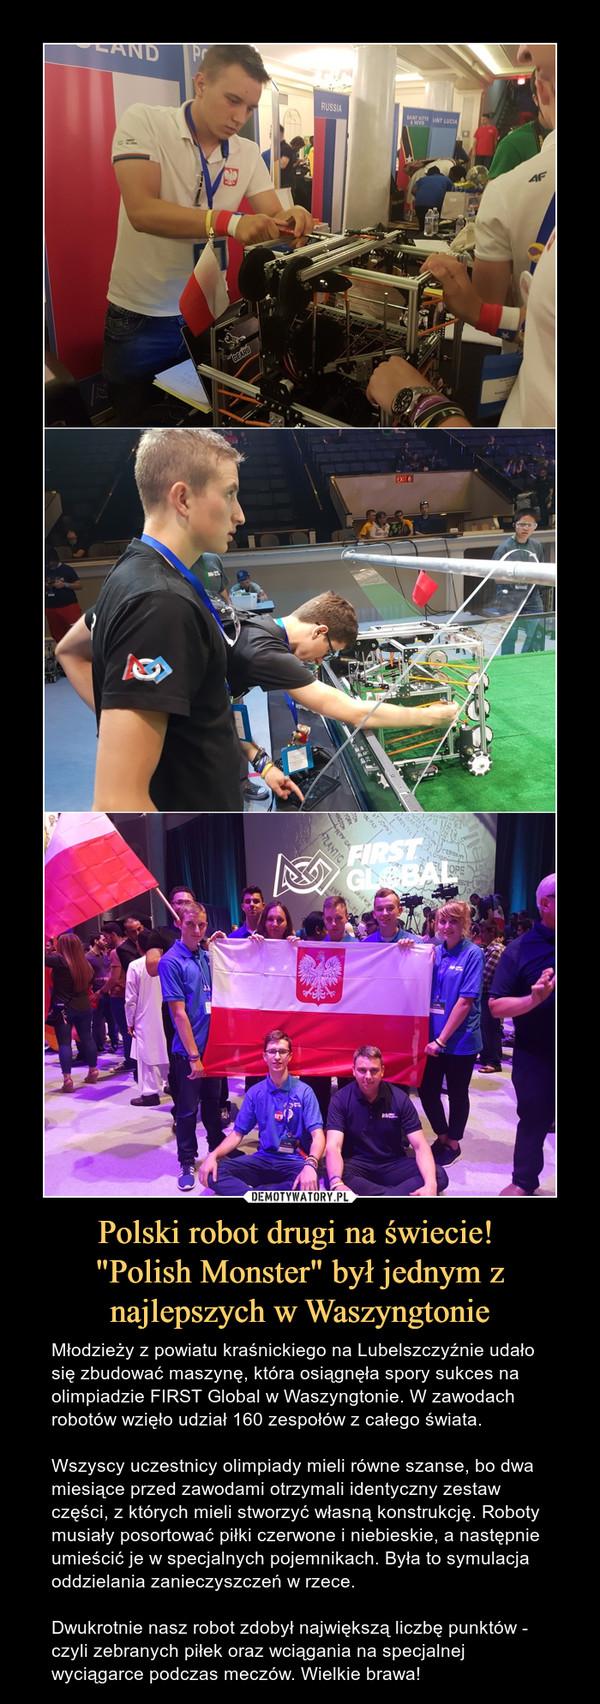 """Polski robot drugi na świecie! """"Polish Monster"""" był jednym z najlepszych w Waszyngtonie – Młodzieży z powiatu kraśnickiego na Lubelszczyźnie udało się zbudować maszynę, która osiągnęła spory sukces na olimpiadzie FIRST Global w Waszyngtonie. W zawodach robotów wzięło udział 160 zespołów z całego świata. Wszyscy uczestnicy olimpiady mieli równe szanse, bo dwa miesiące przed zawodami otrzymali identyczny zestaw części, z których mieli stworzyć własną konstrukcję. Roboty musiały posortować piłki czerwone i niebieskie, a następnie umieścić je w specjalnych pojemnikach. Była to symulacja oddzielania zanieczyszczeń w rzece.Dwukrotnie nasz robot zdobył największą liczbę punktów - czyli zebranych piłek oraz wciągania na specjalnej wyciągarce podczas meczów. Wielkie brawa!"""